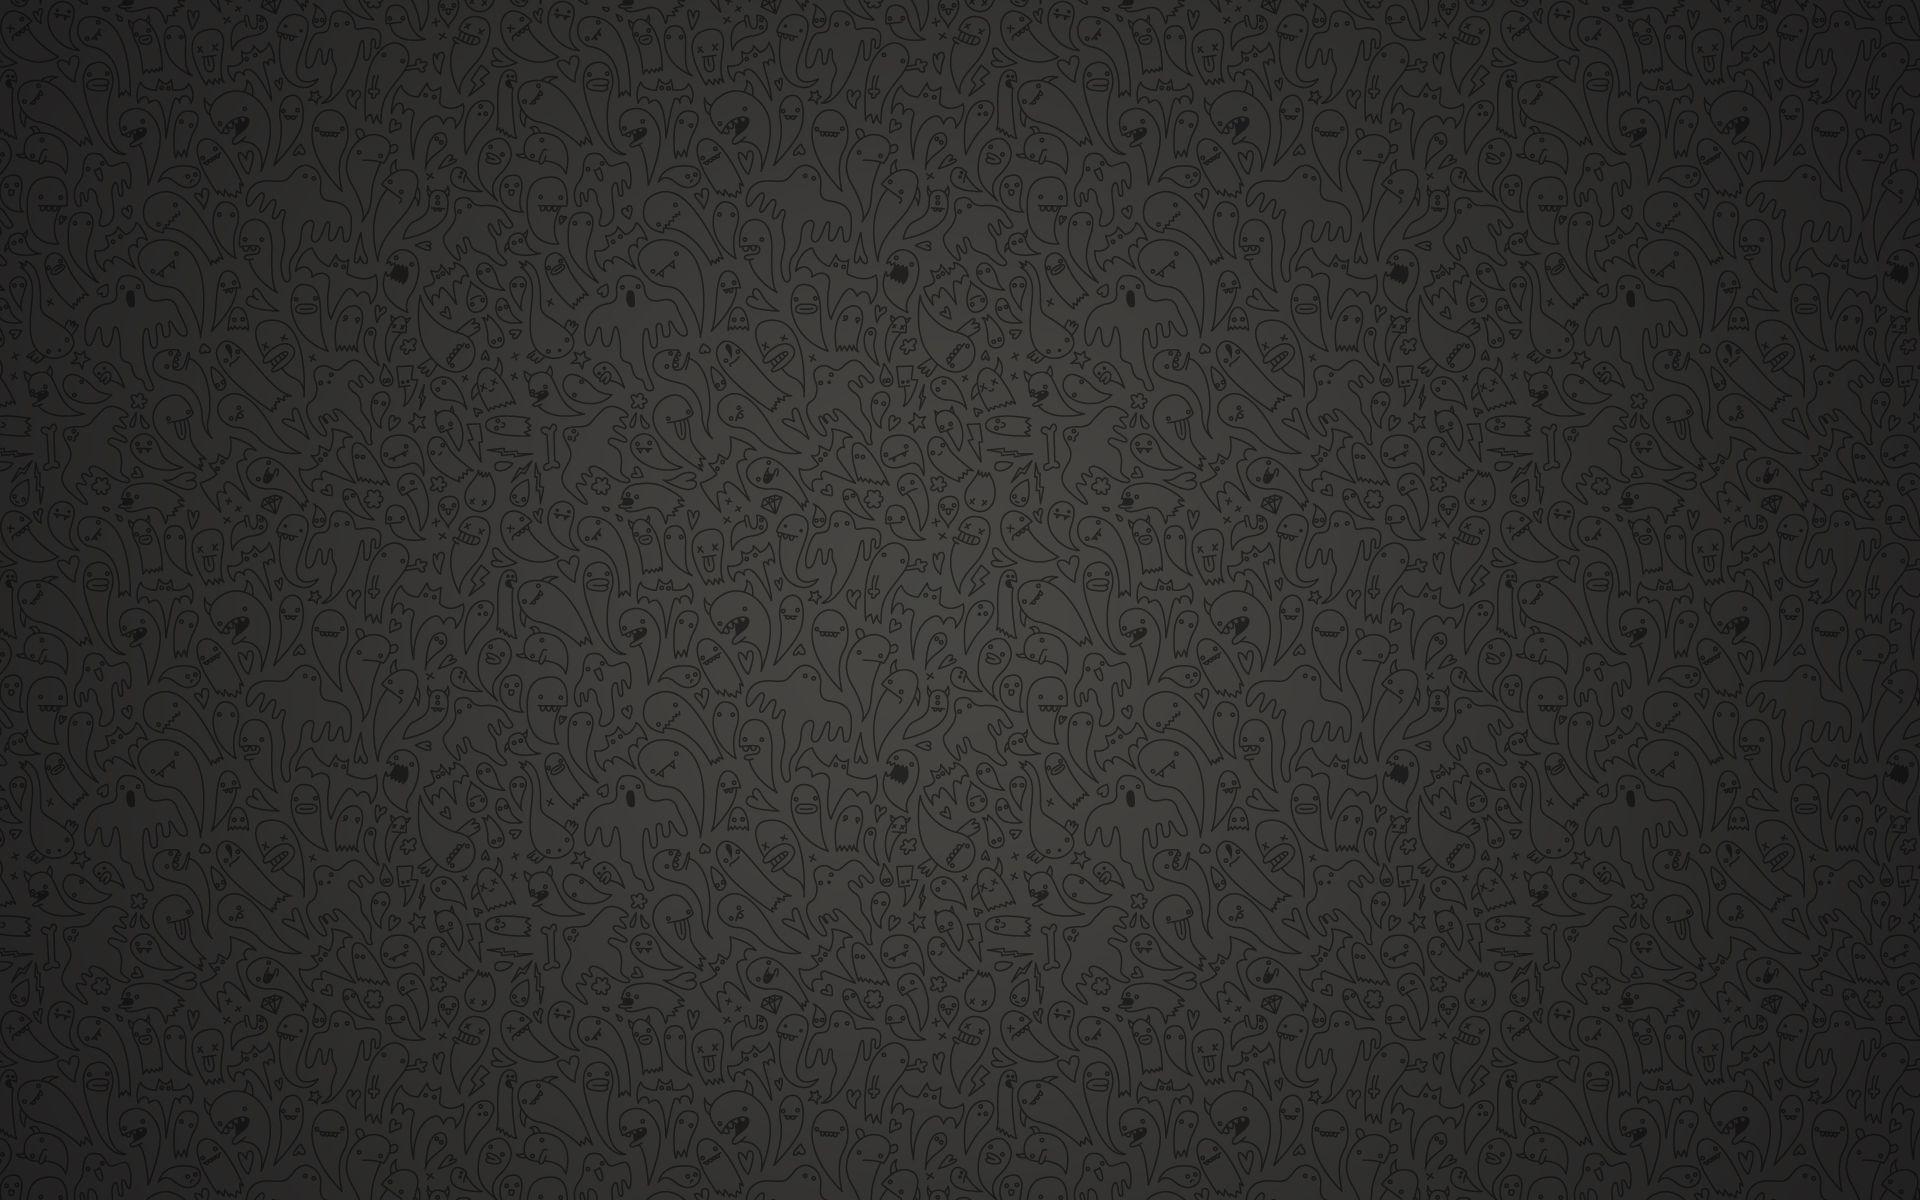 textured wallpaper 2514